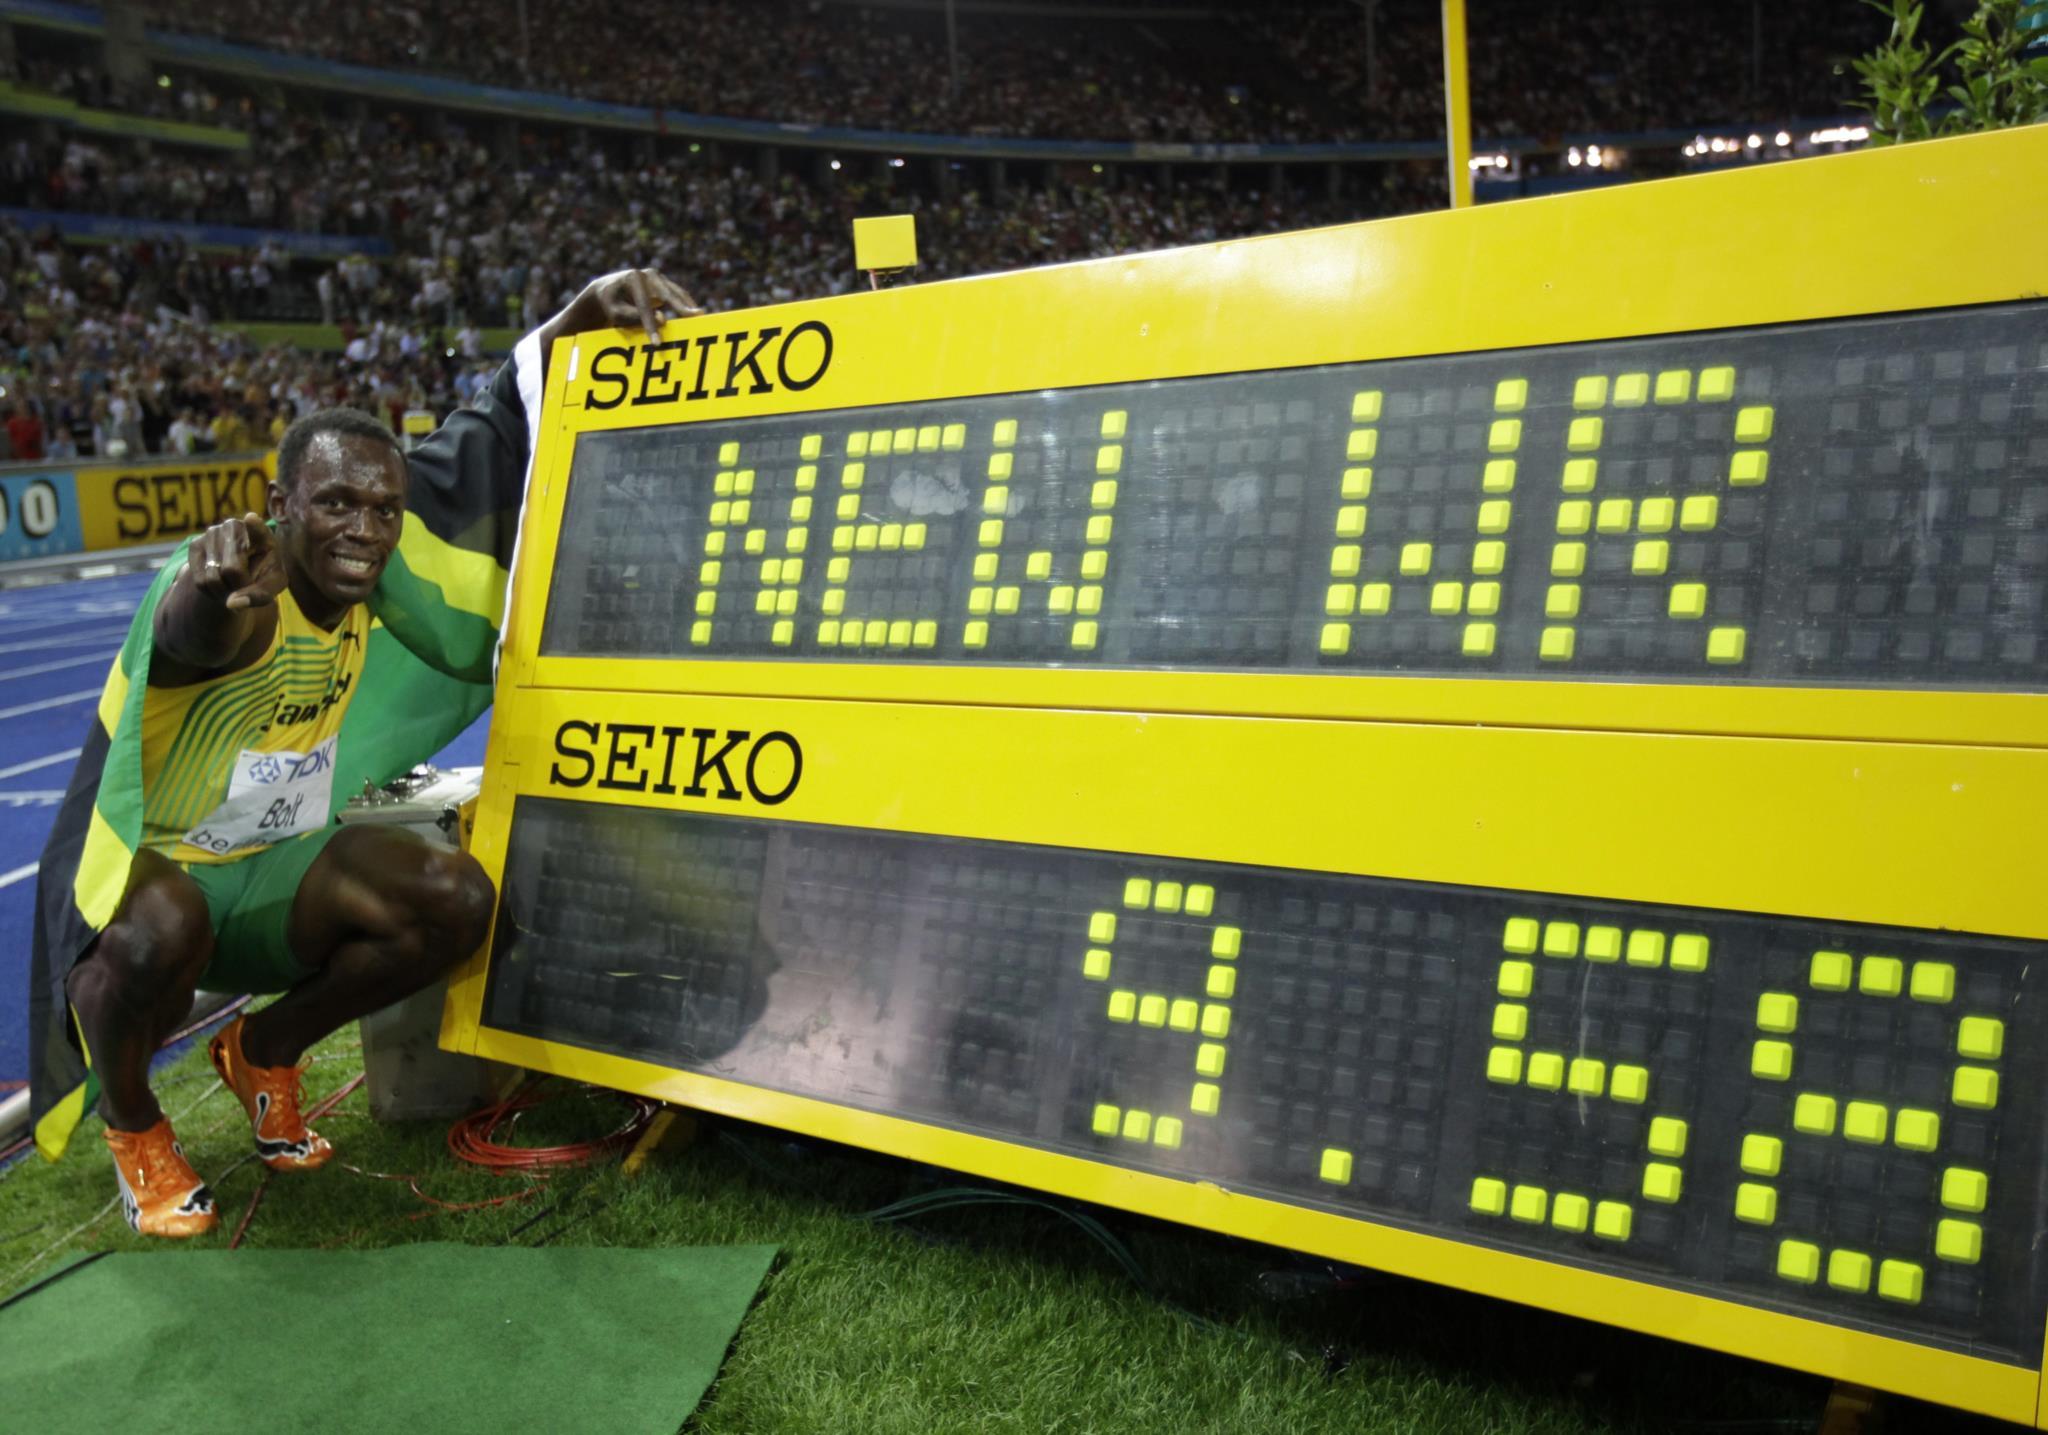 Em 2009, nos Mundias de Atletismo em Berlim, melhorou a marca: 9,58s.